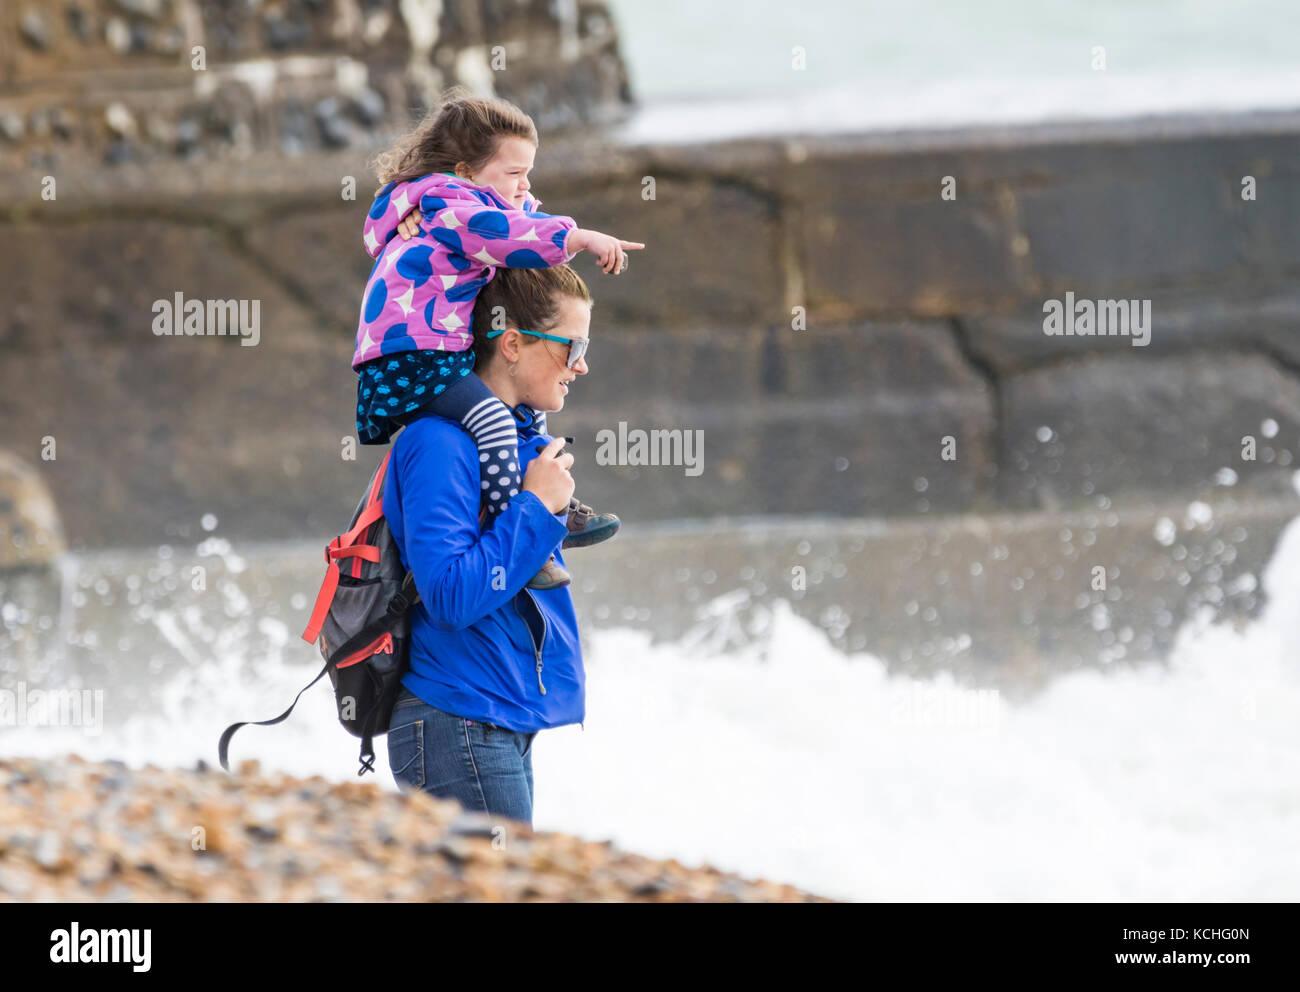 Junge Mädchen, Frau, Schultern (piggyback Ride) auf einem Strand in armen windigen Wetter im Herbst durchgeführt, Stockbild